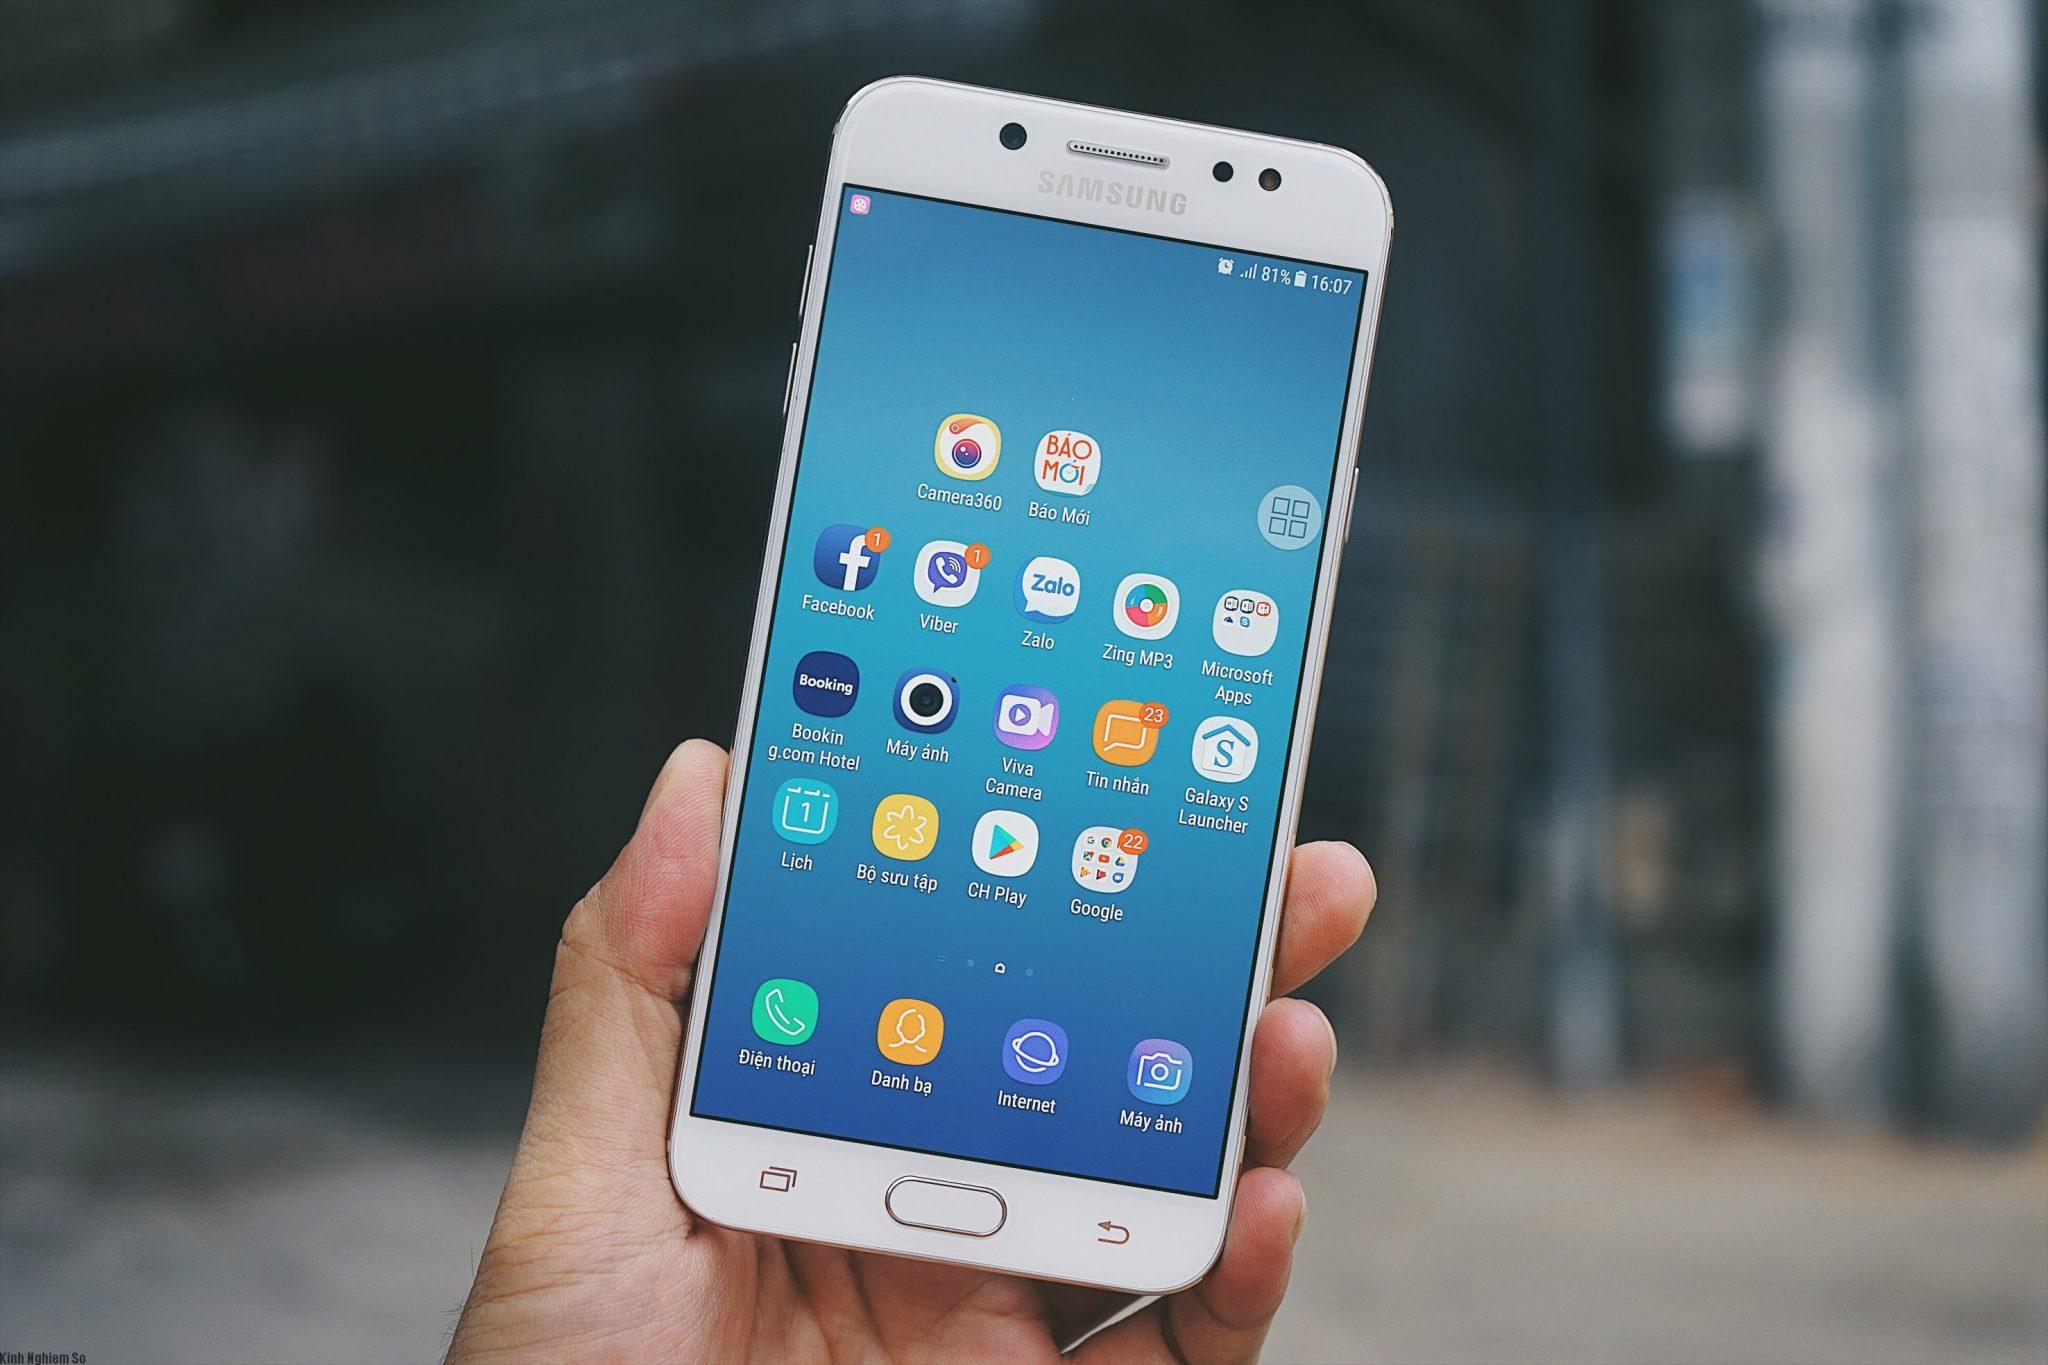 Đánh giá chiếc điện thoại Samsung Galaxy J7+ tầm trung có camera kép